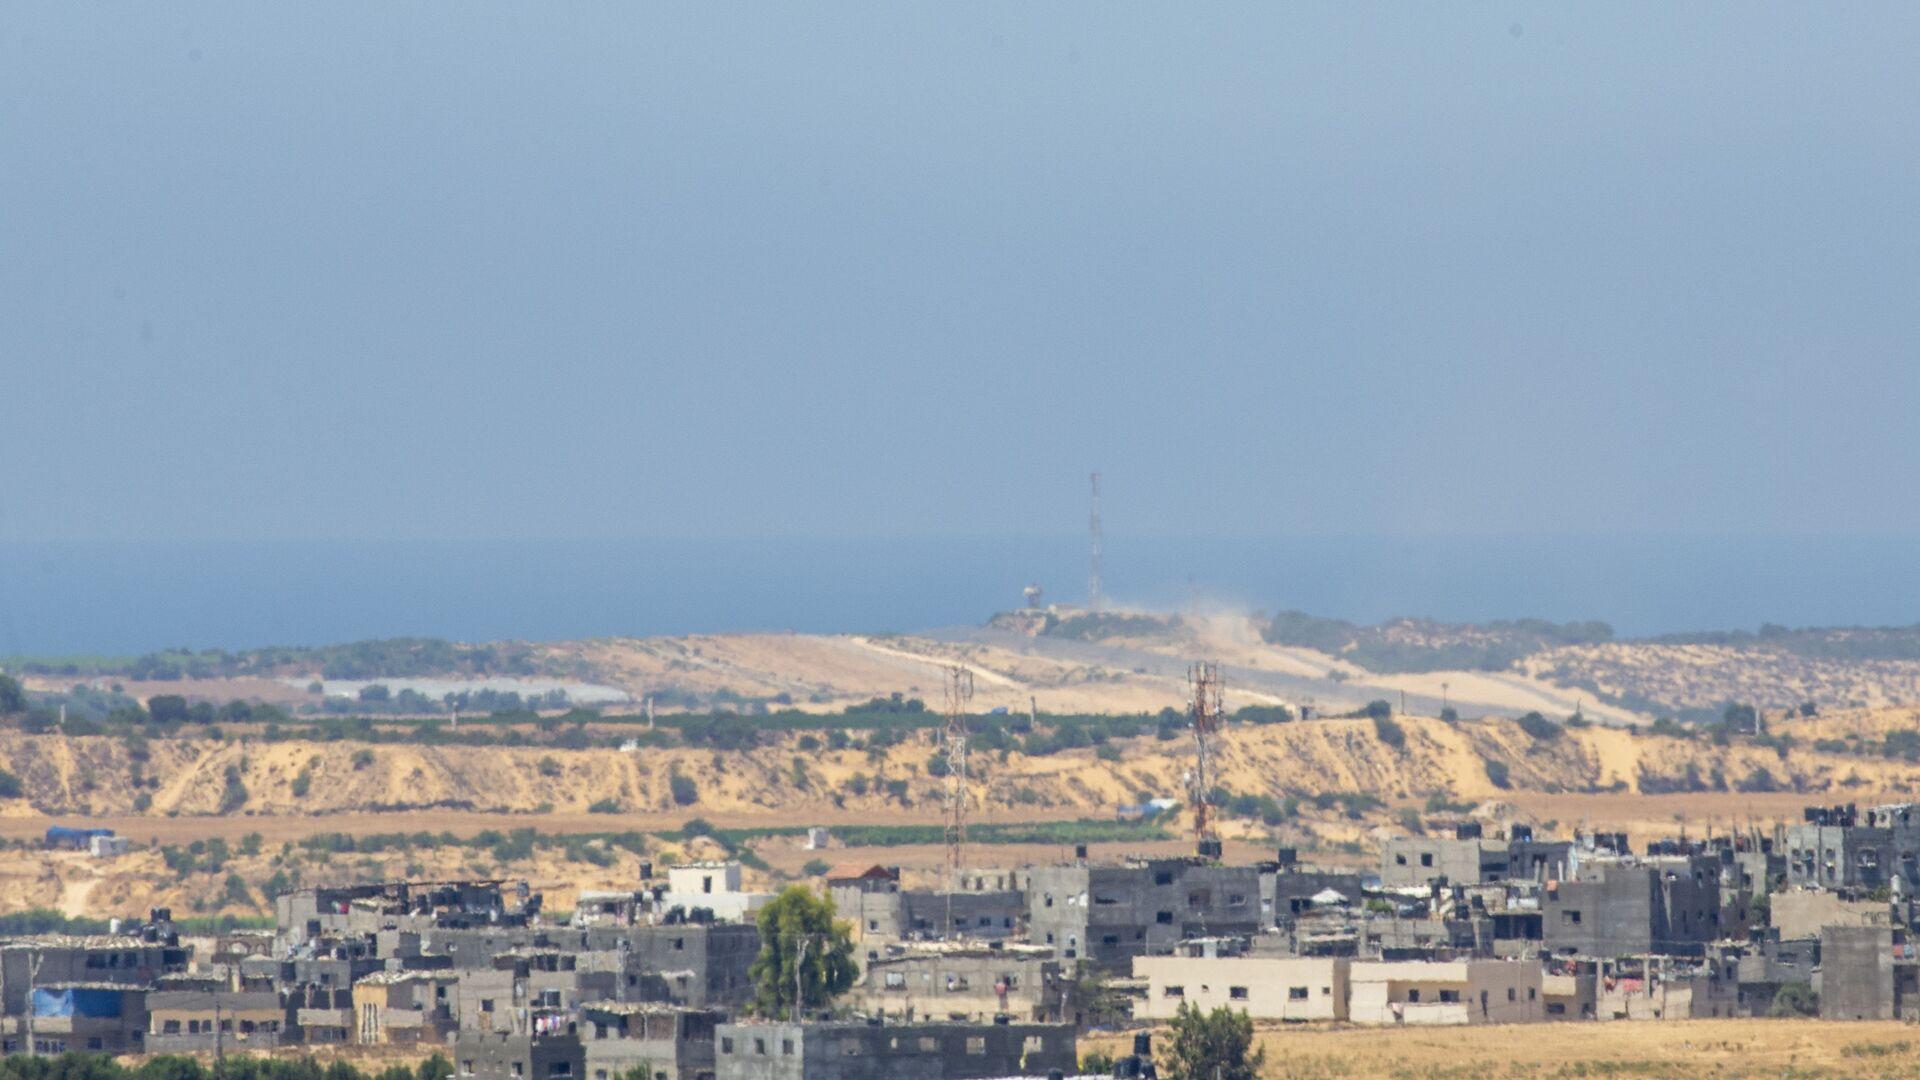 Palloncini con dispositivi incendiari al confine tra Gaza e Israele - Sputnik Italia, 1920, 04.07.2021